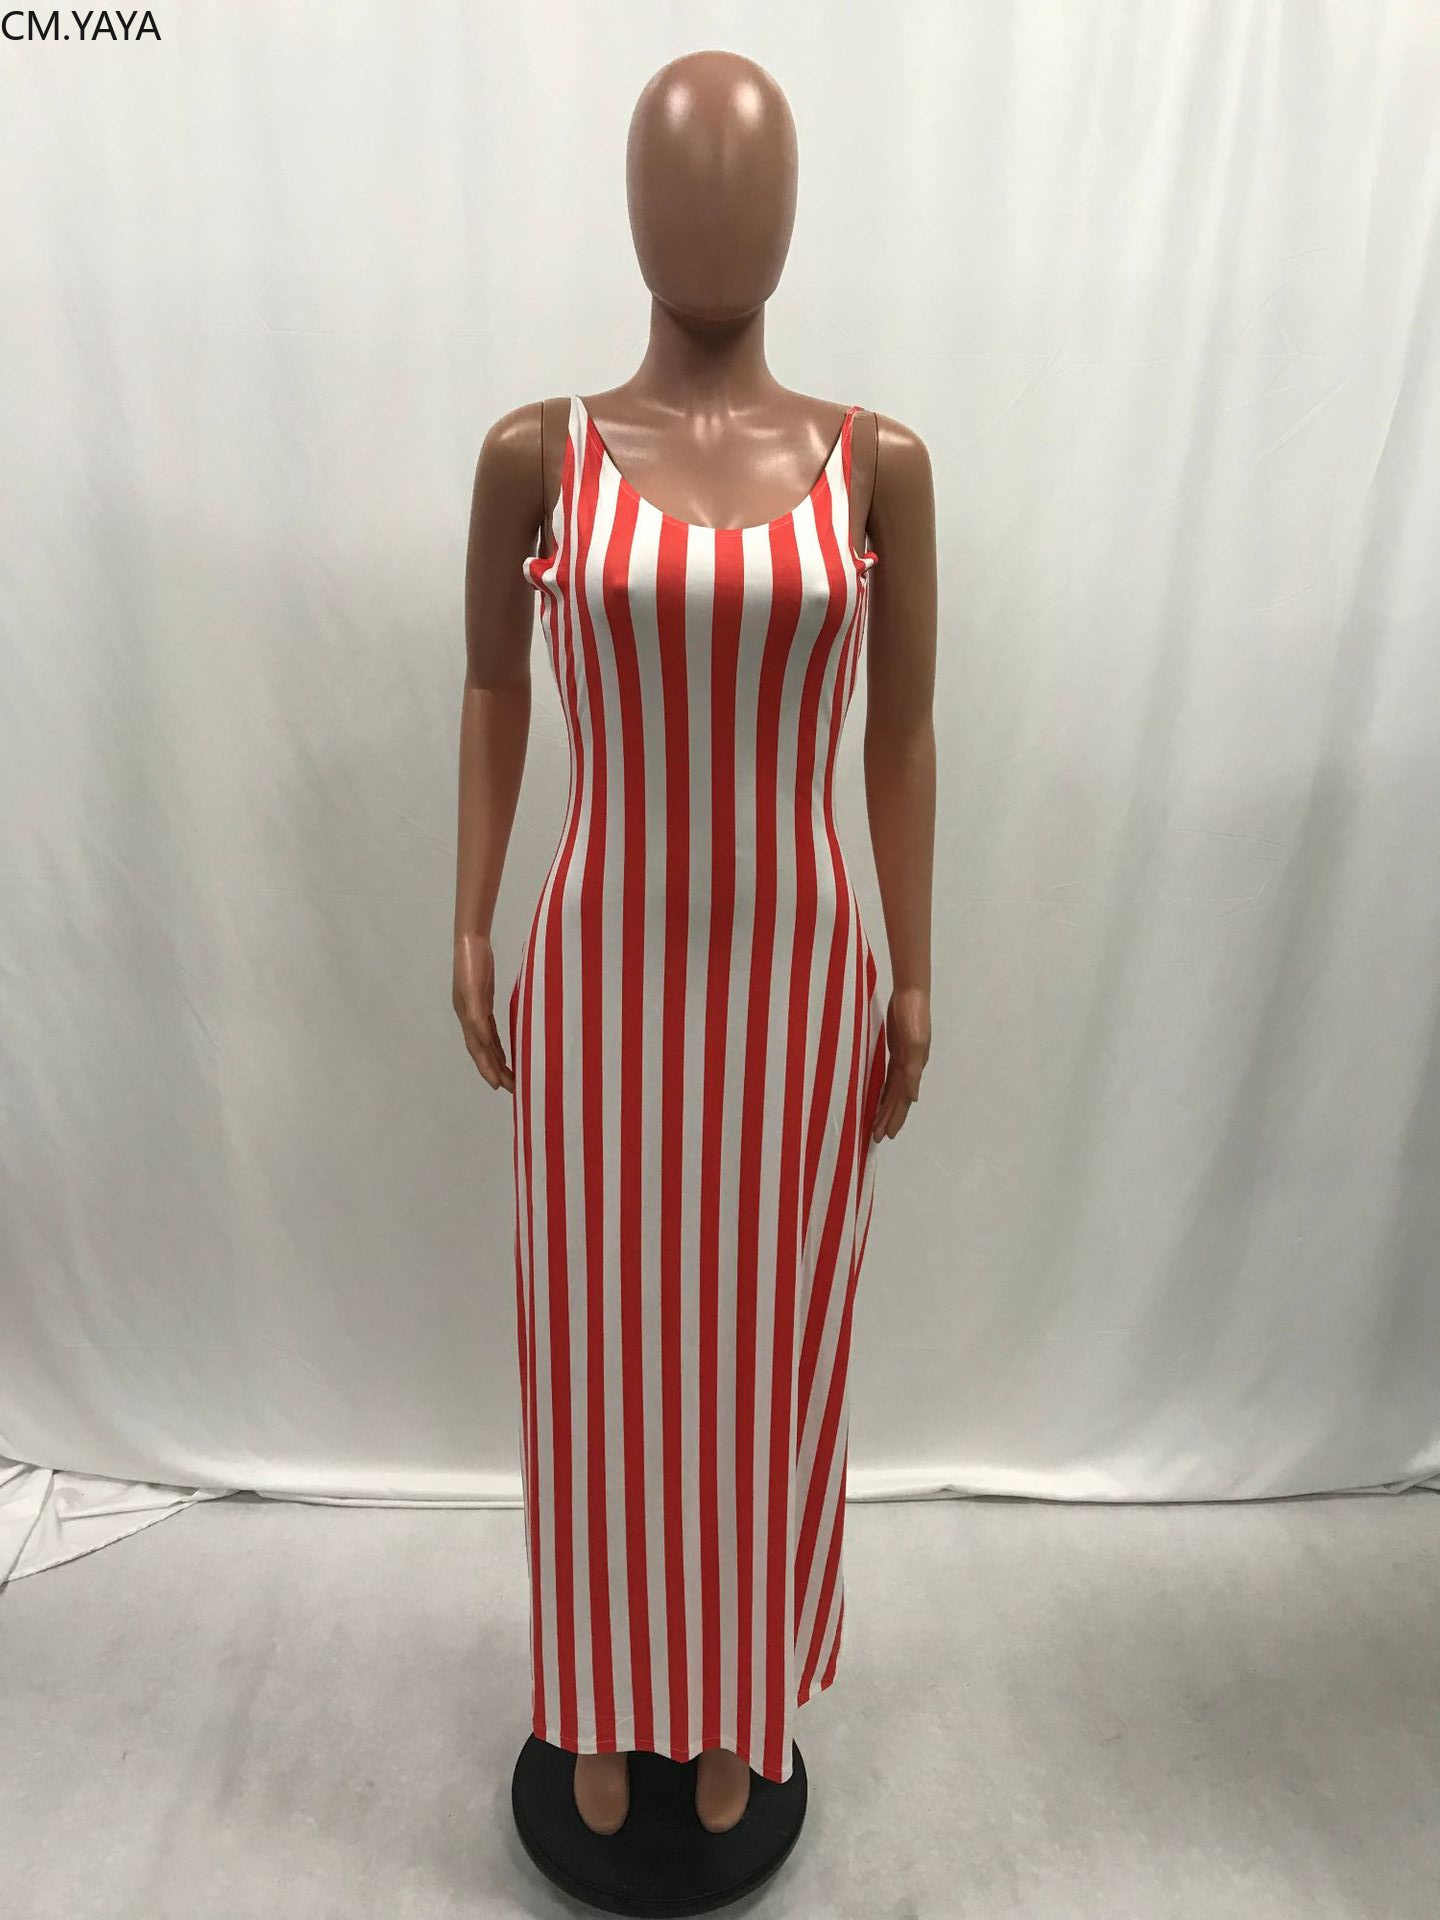 2019 женское летнее платье в полоску без рукавов, свободное модное макси платье, повседневные длинные платья в стиле ретро, уличная пляжная одежда, vestidos GLL038